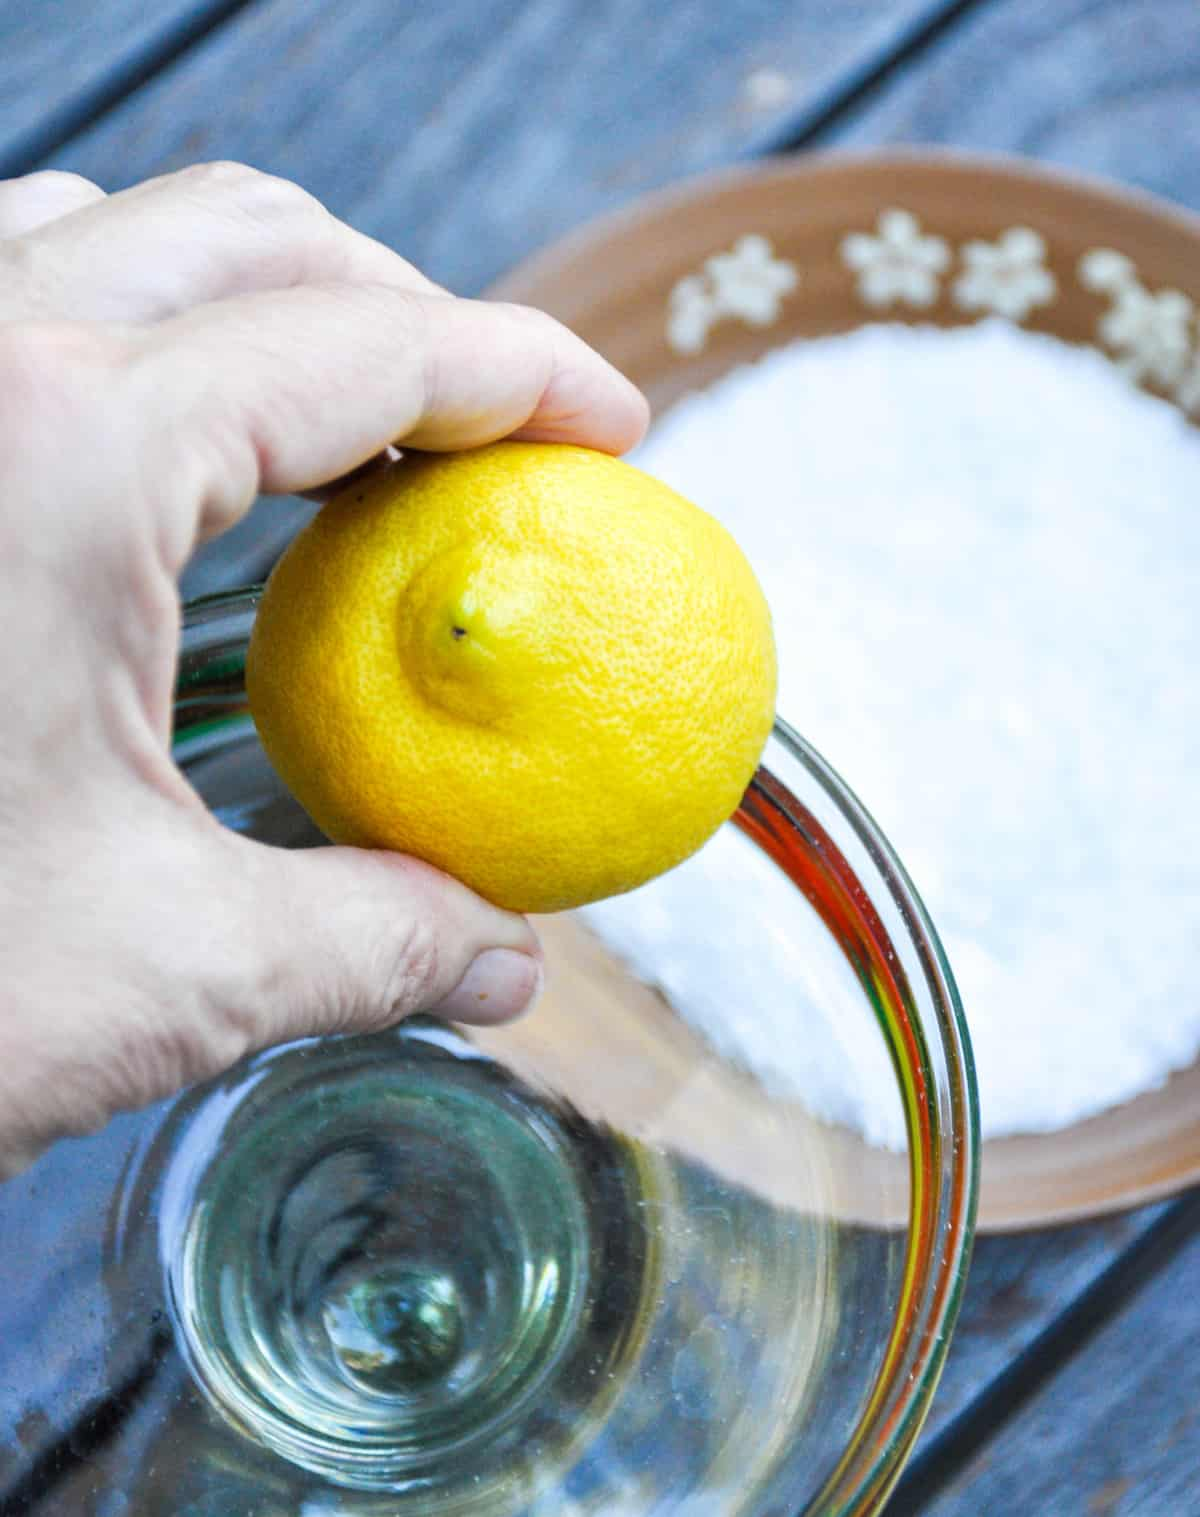 Use lemon to moisten the rim of glass